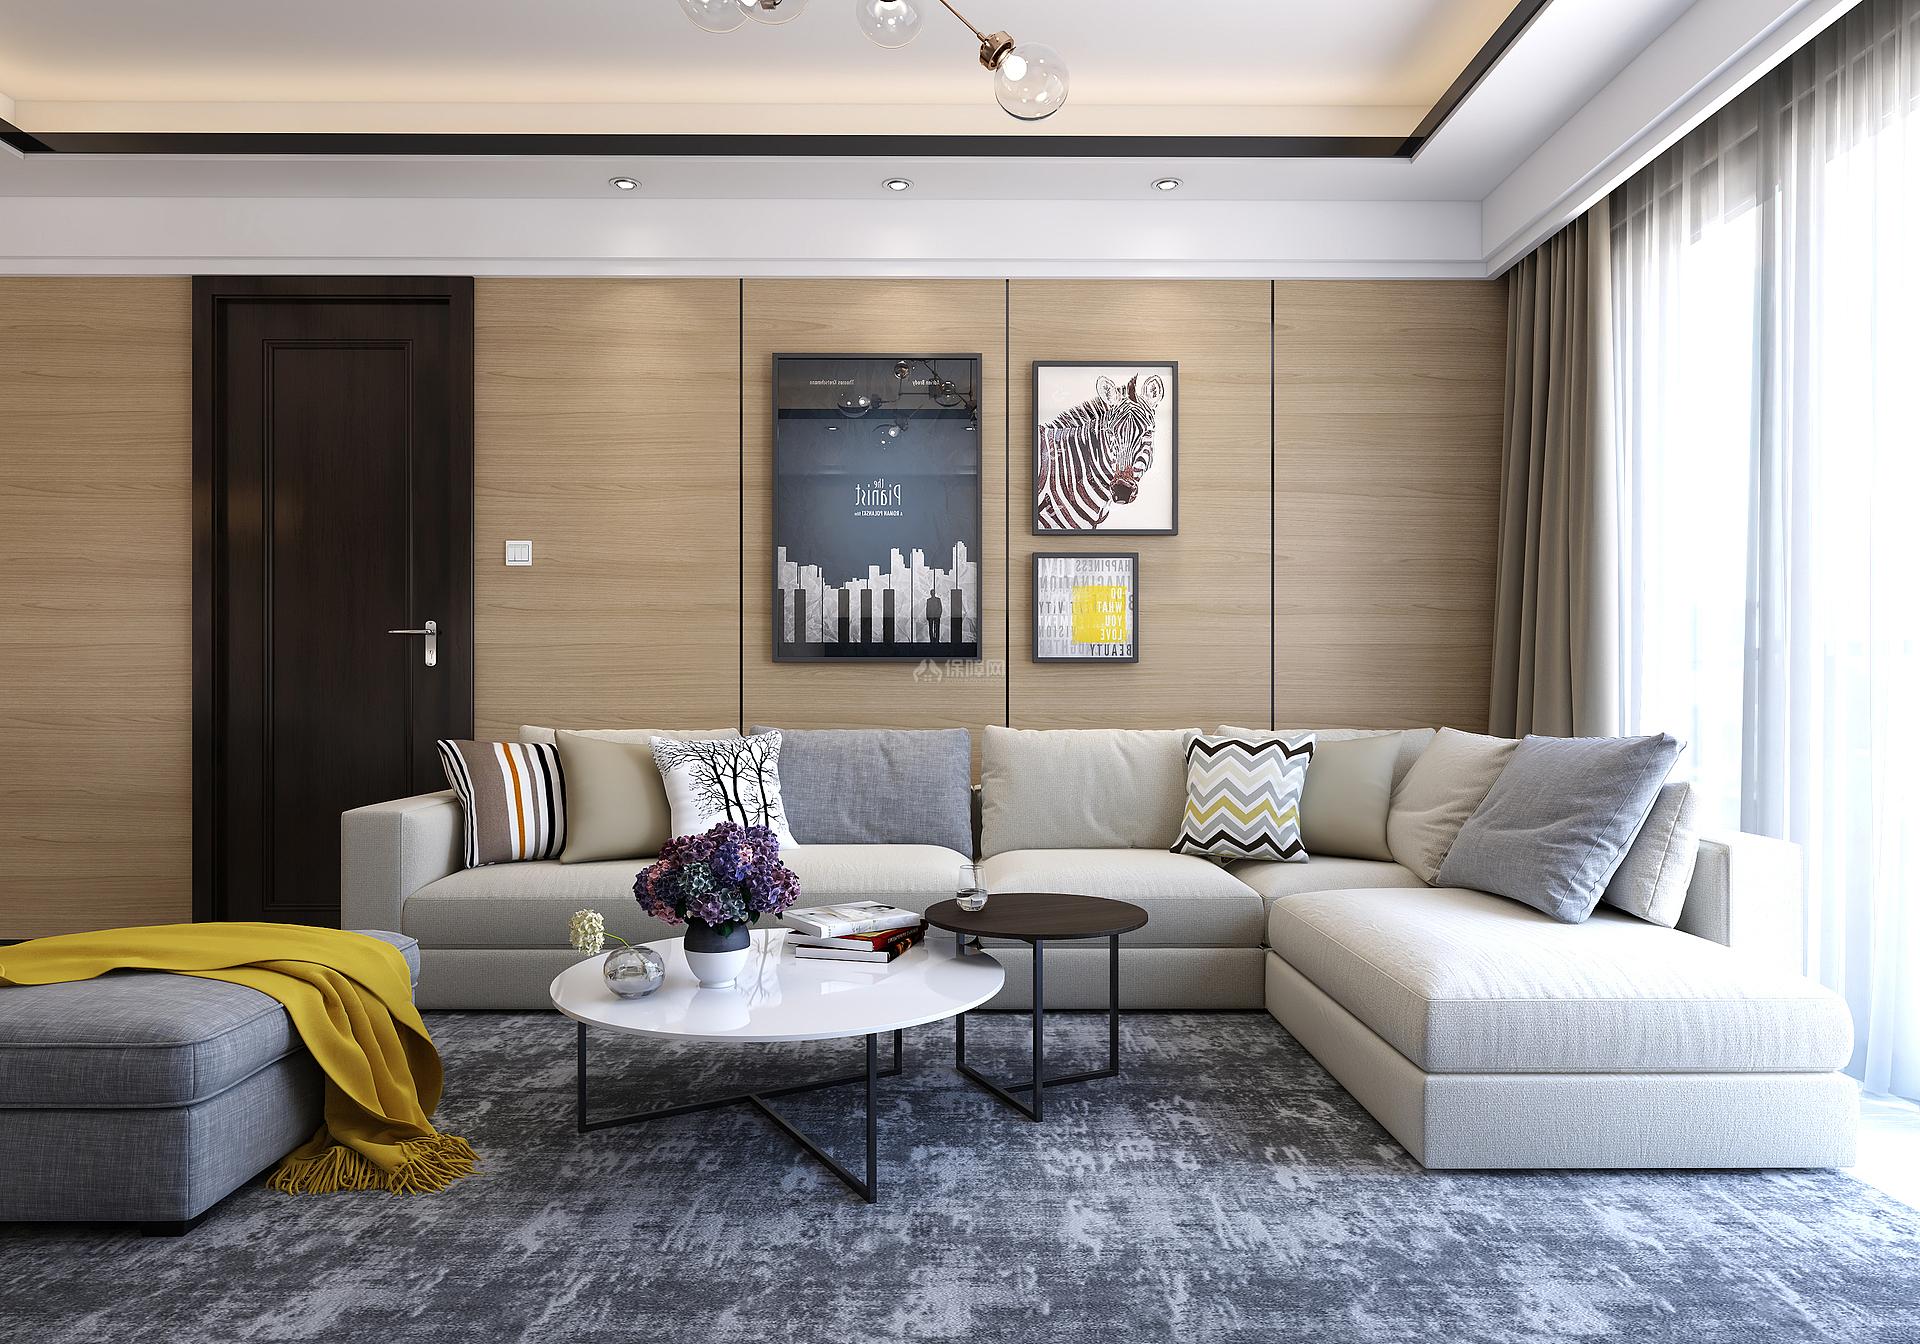 110㎡现代简约三居之沙发摆放效果图